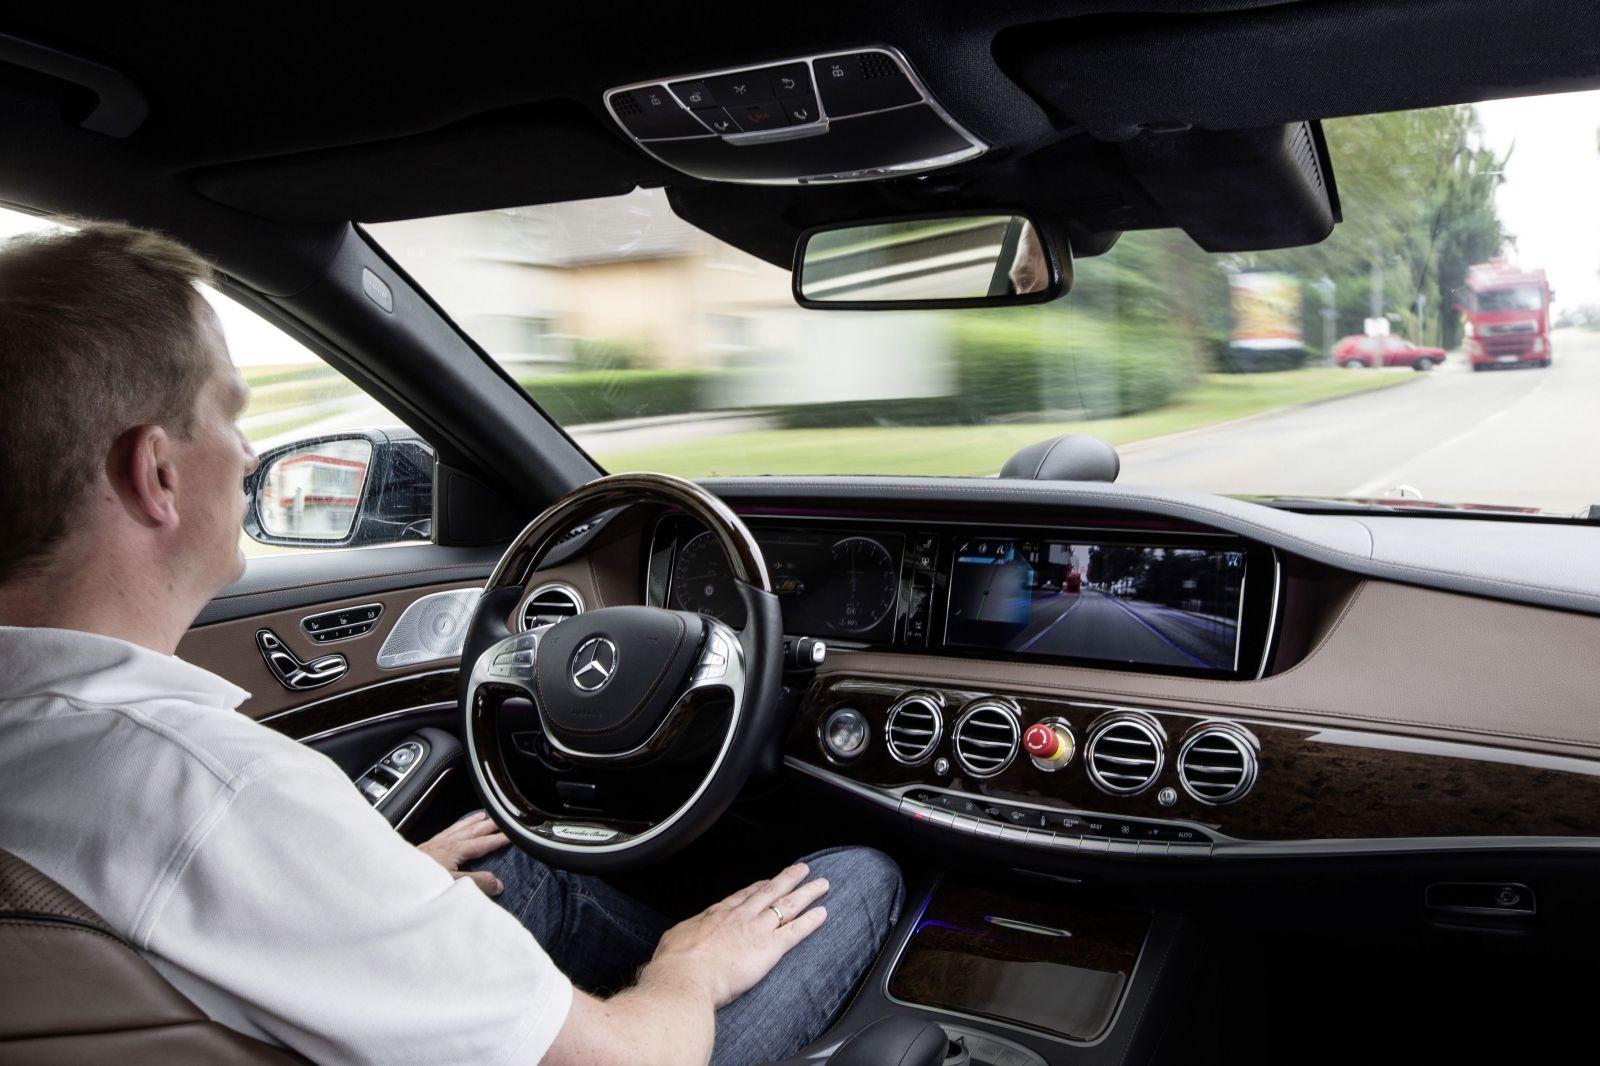 Aké sú jednotlivé úrovne autonómnej jazdy a dočkáme sa vôbec niekedy plnohodnotného autopilota?